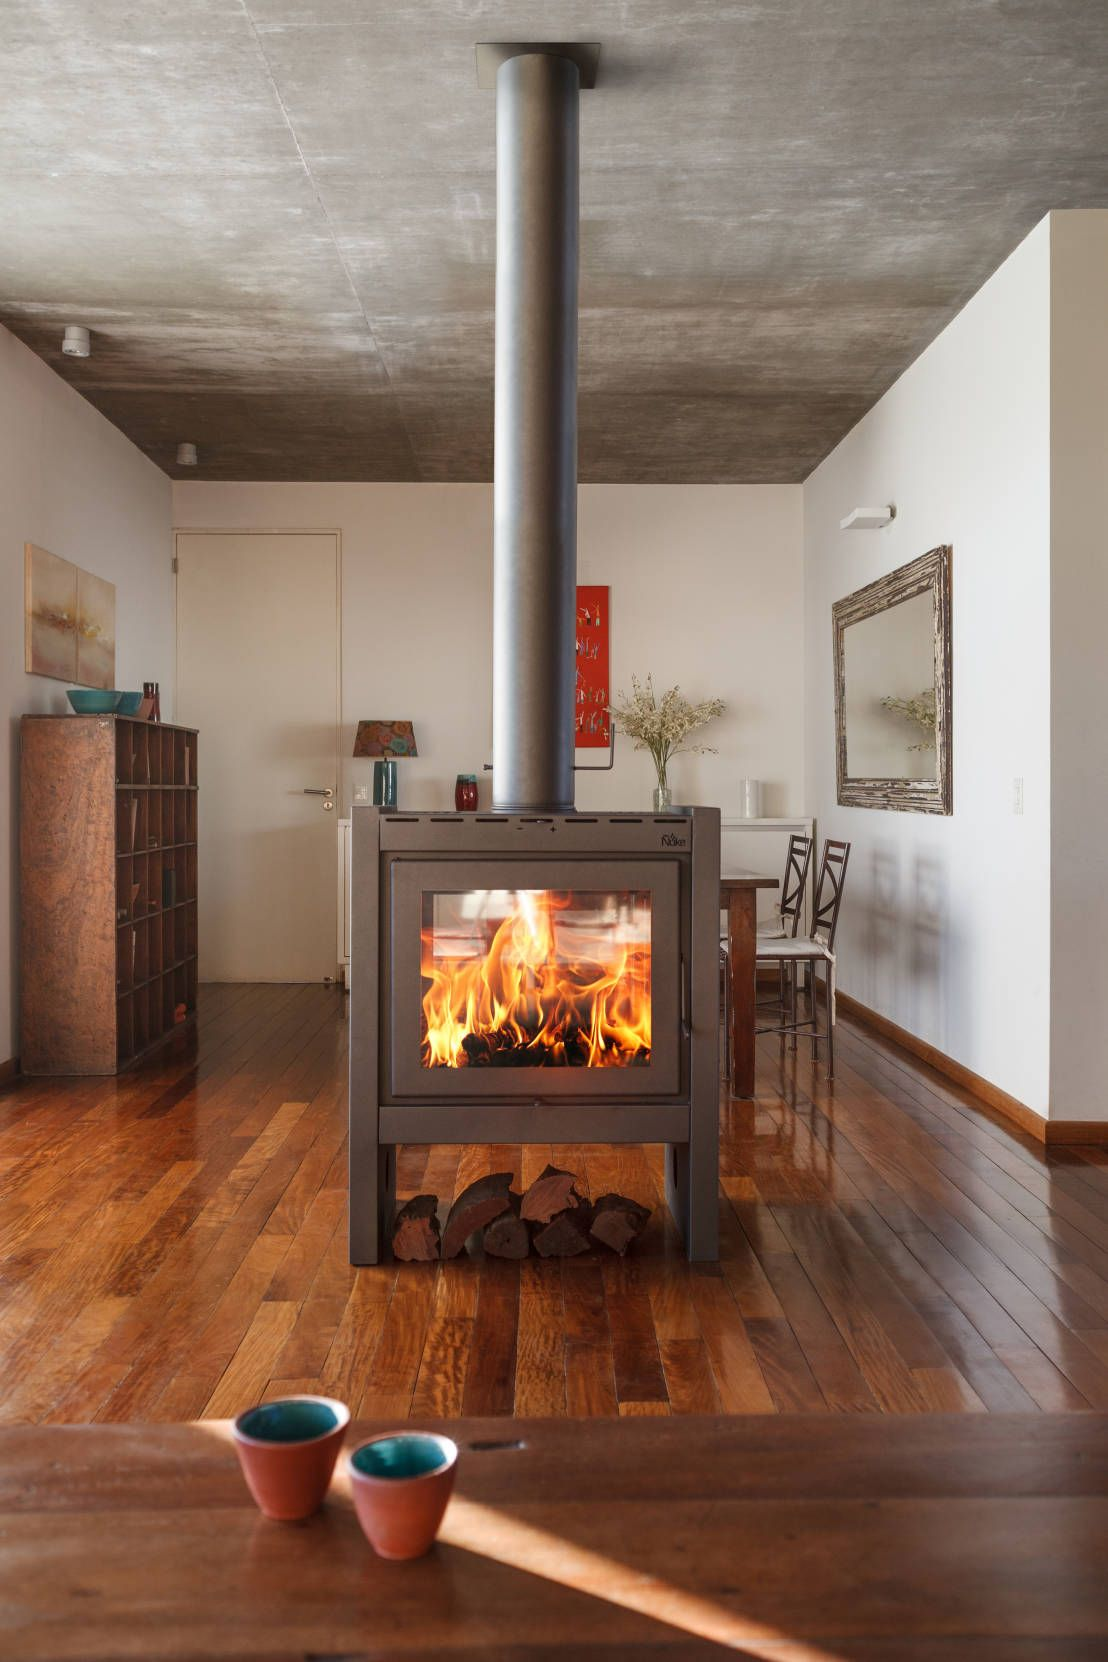 10 chimeneas modernas y espectaculares interiores - Estufas de lena diseno ...